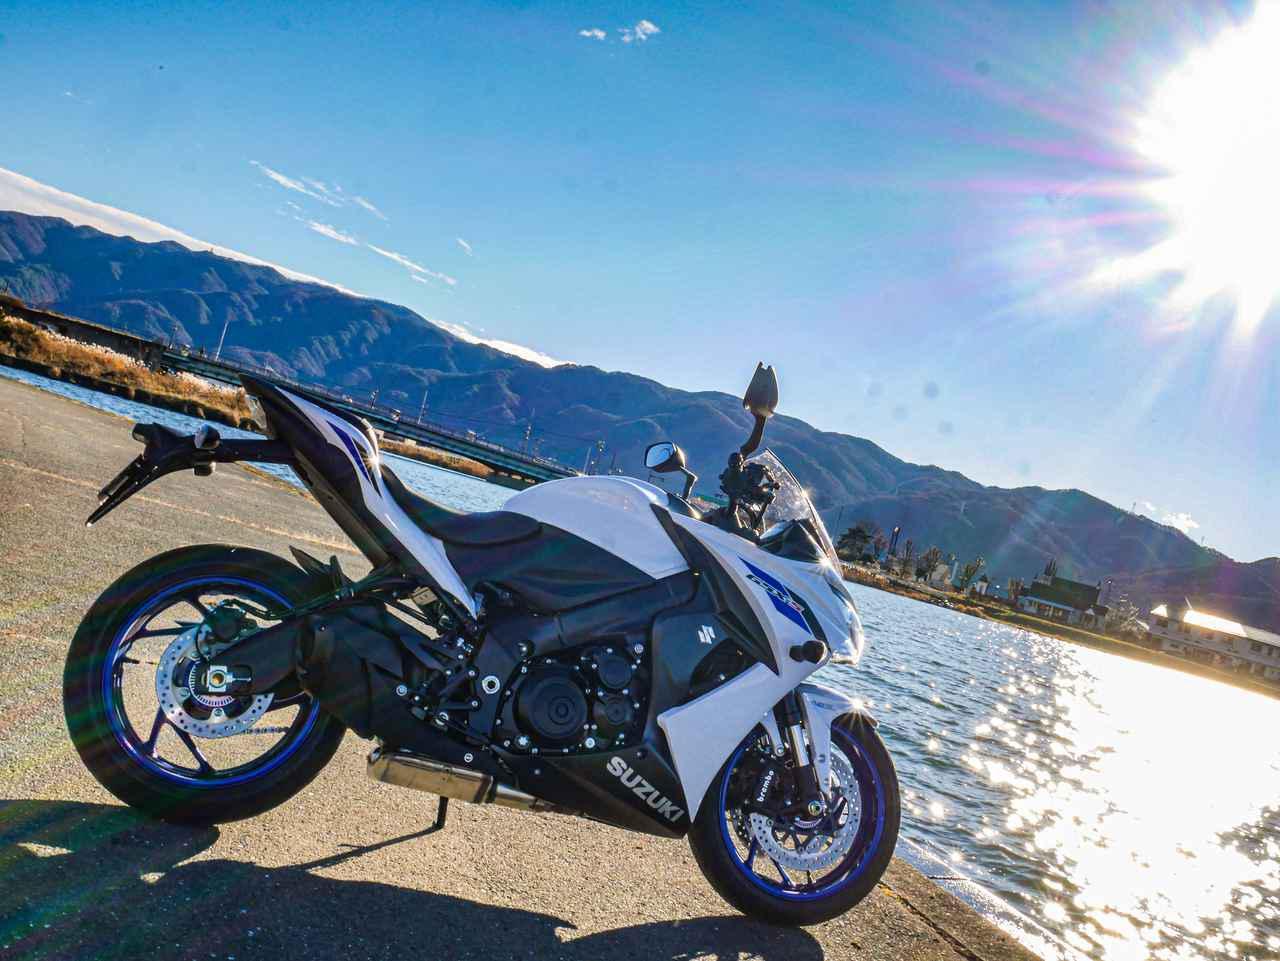 画像2: 愛せるバイクとしての土台がGSX-S1000Fには揃ってる